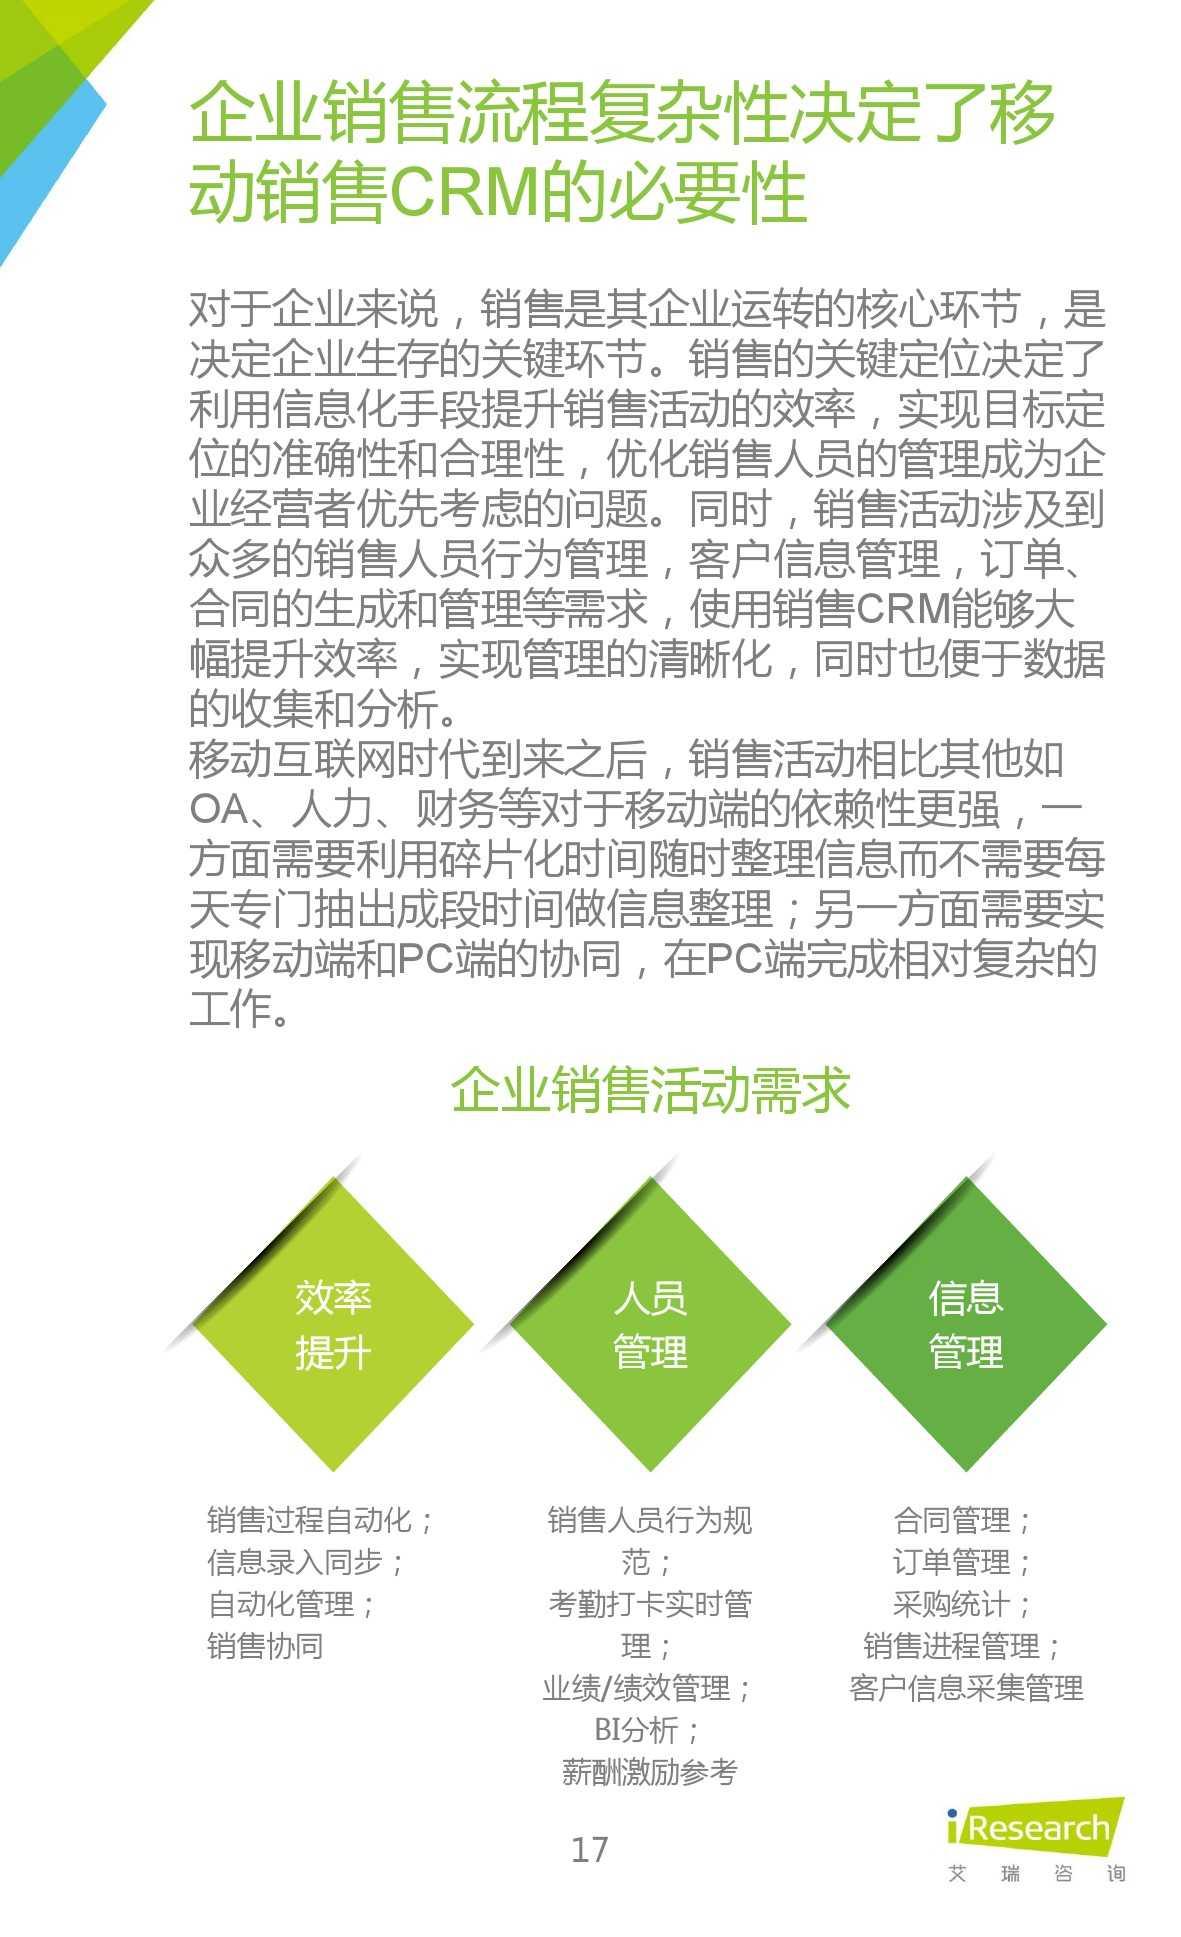 2015年中国移动销售CRM行业研究报告_000017